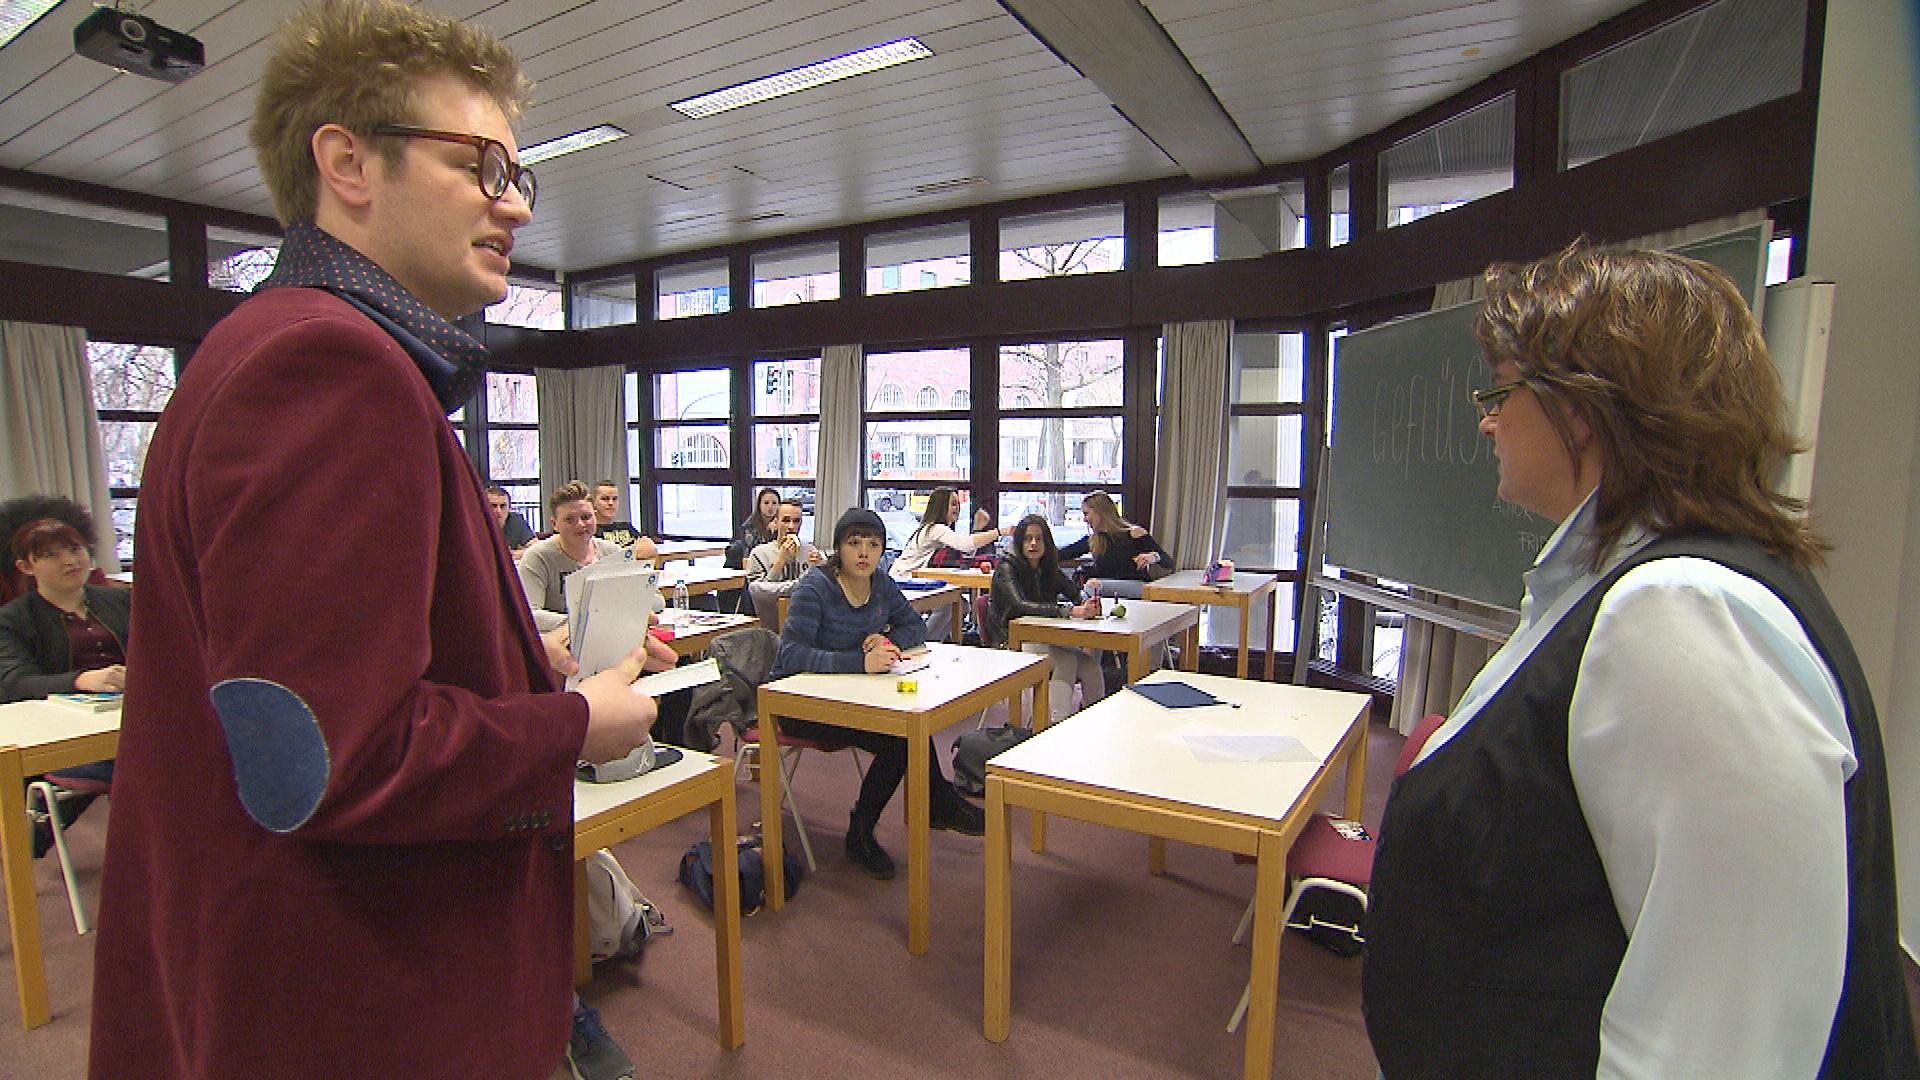 Ole,li., mischt sich in Aylins,Mi., Schulprojekt ein. Lehrerin re. (Quelle: RTL 2)